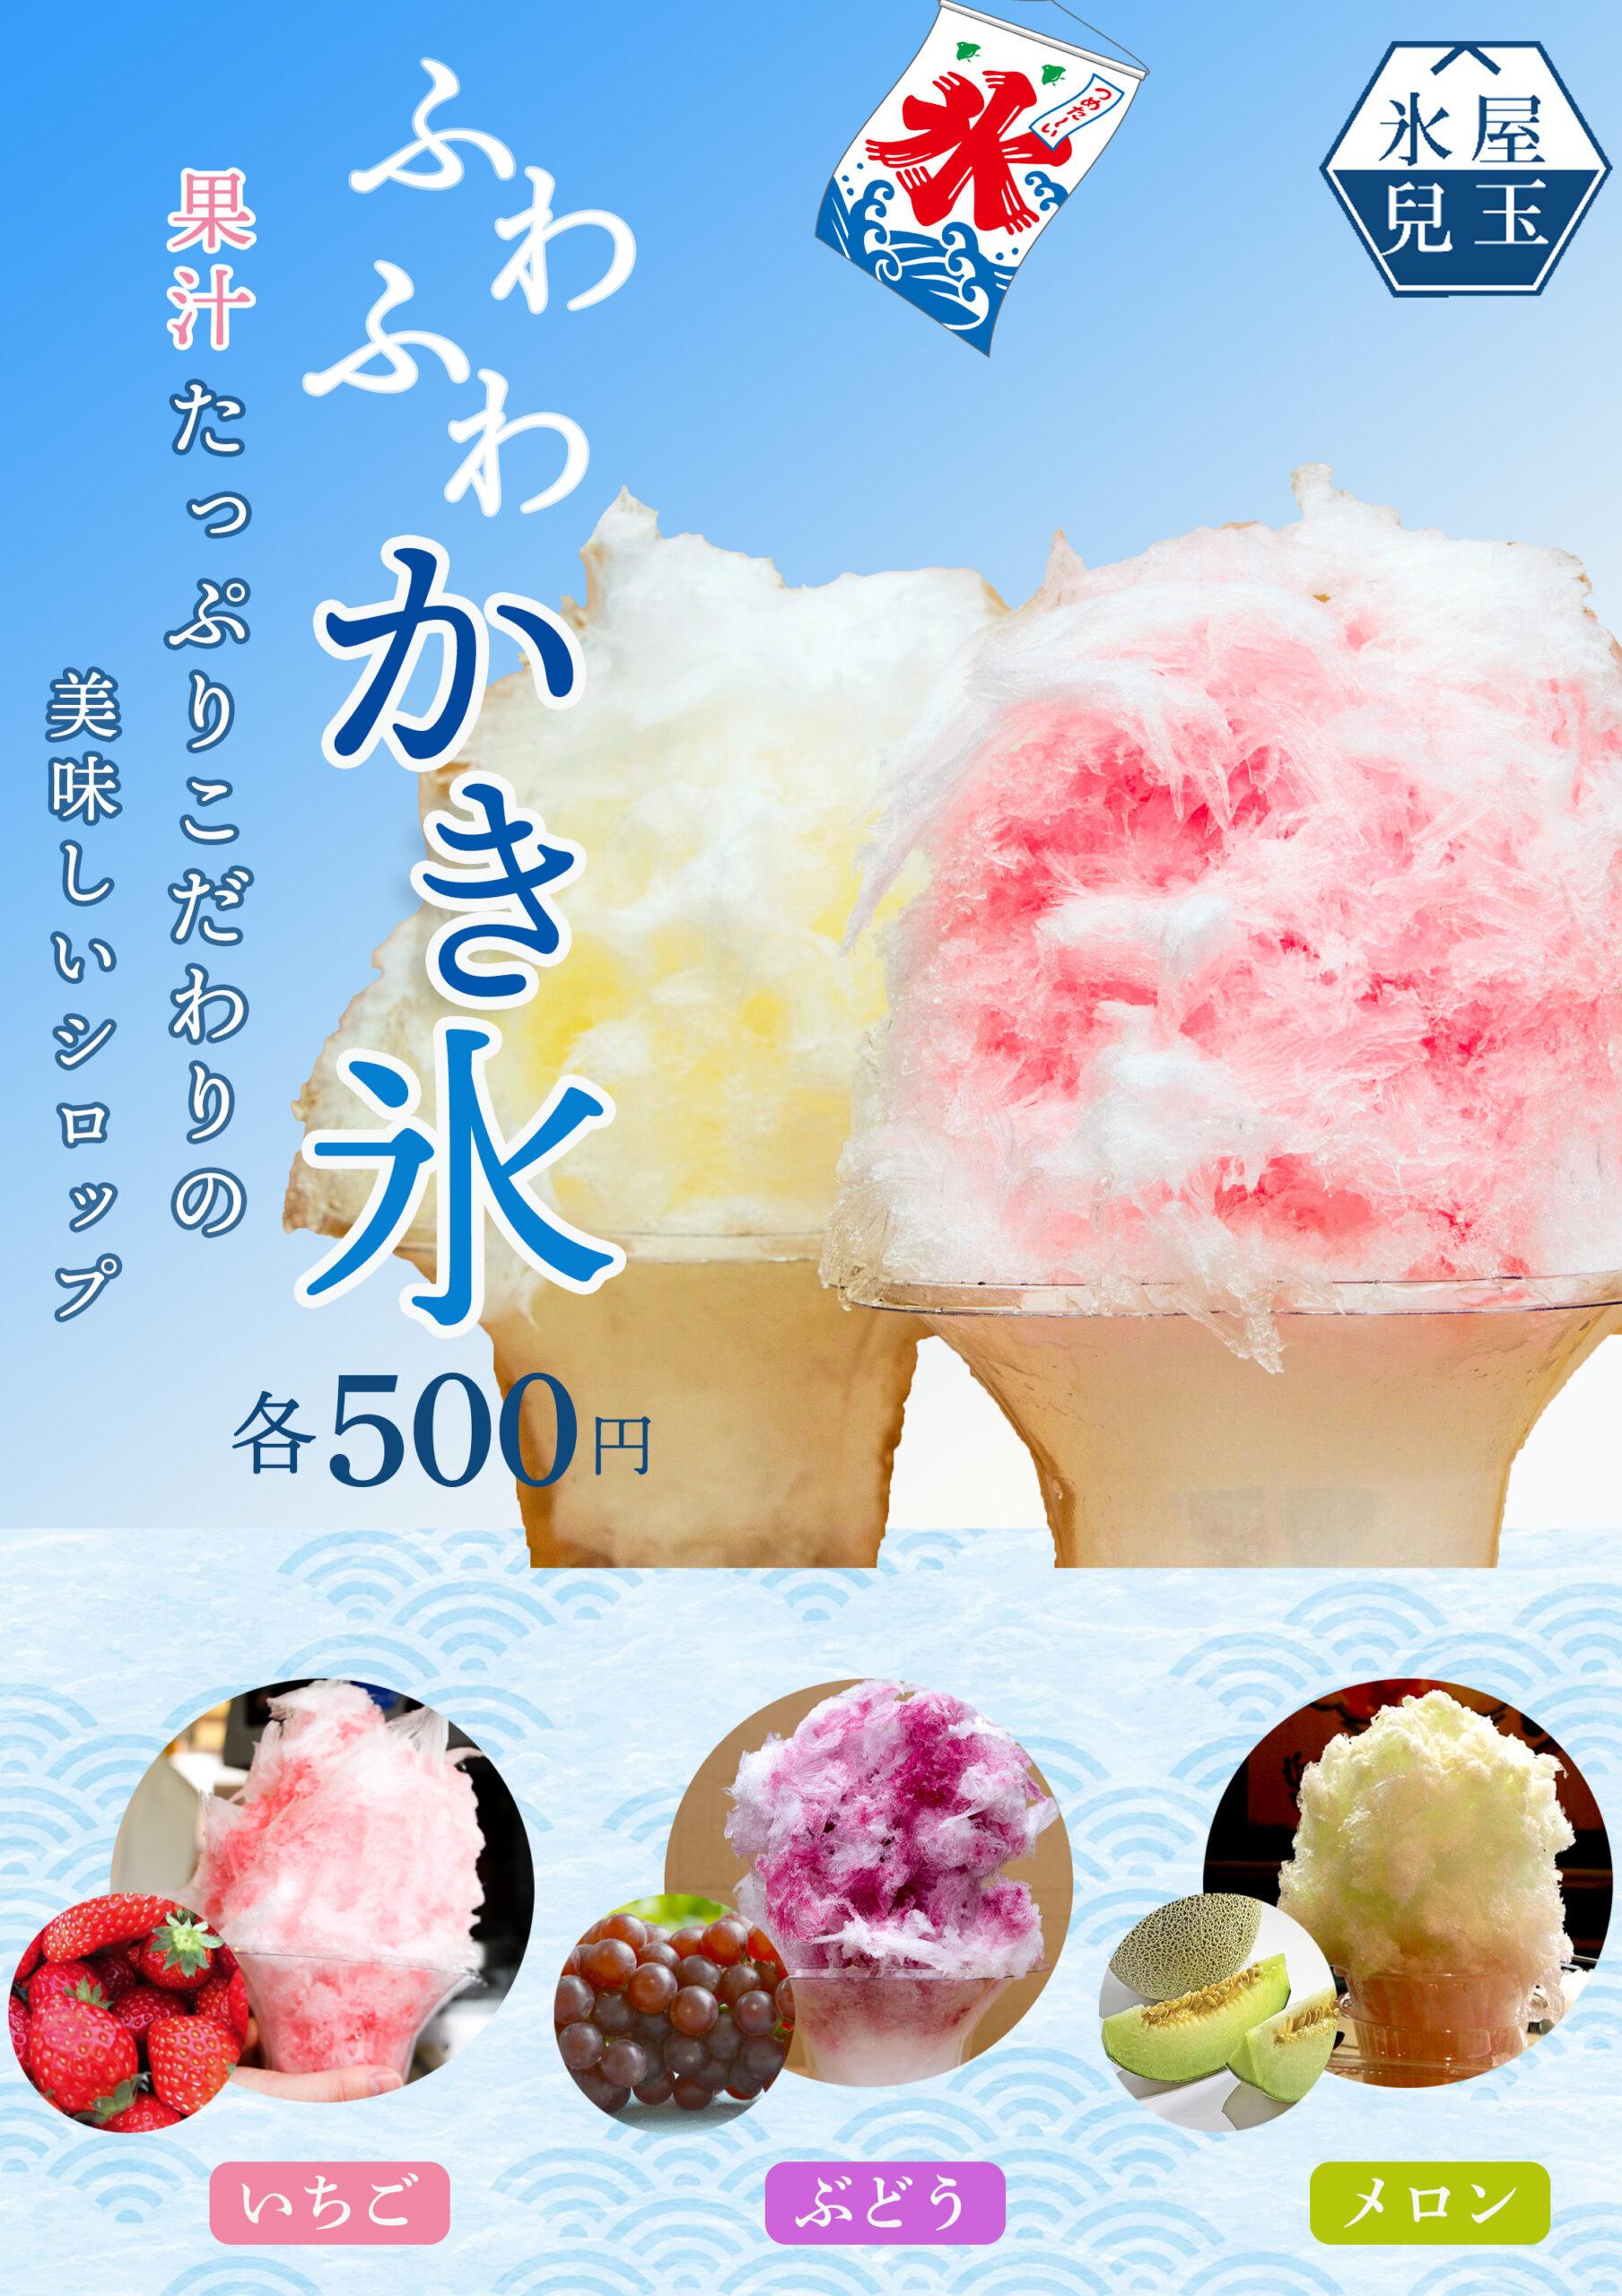 かき氷 チラシ コンペ